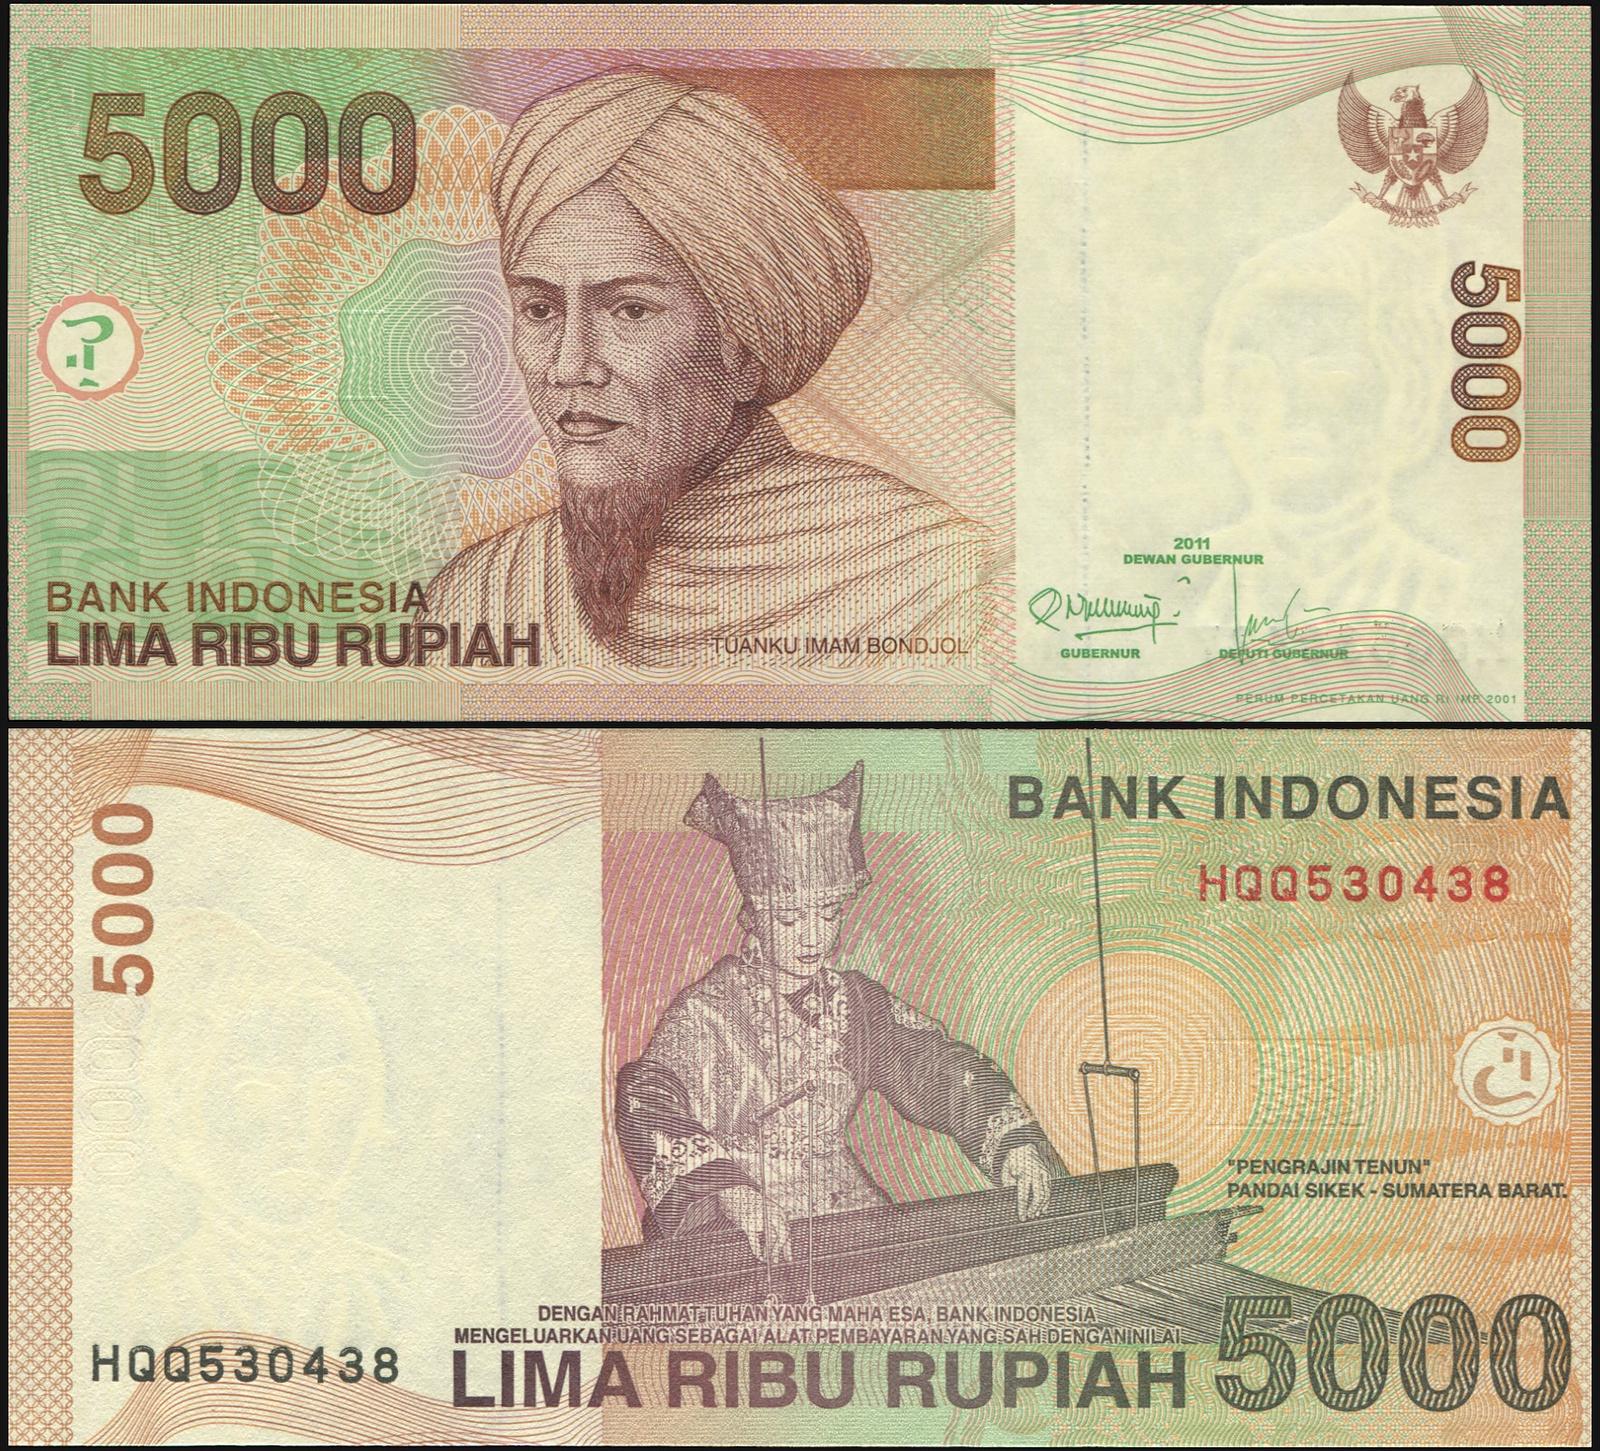 Банкнота. Индонезия 5000 рупий. 2011 UNC. Кат.P.142k